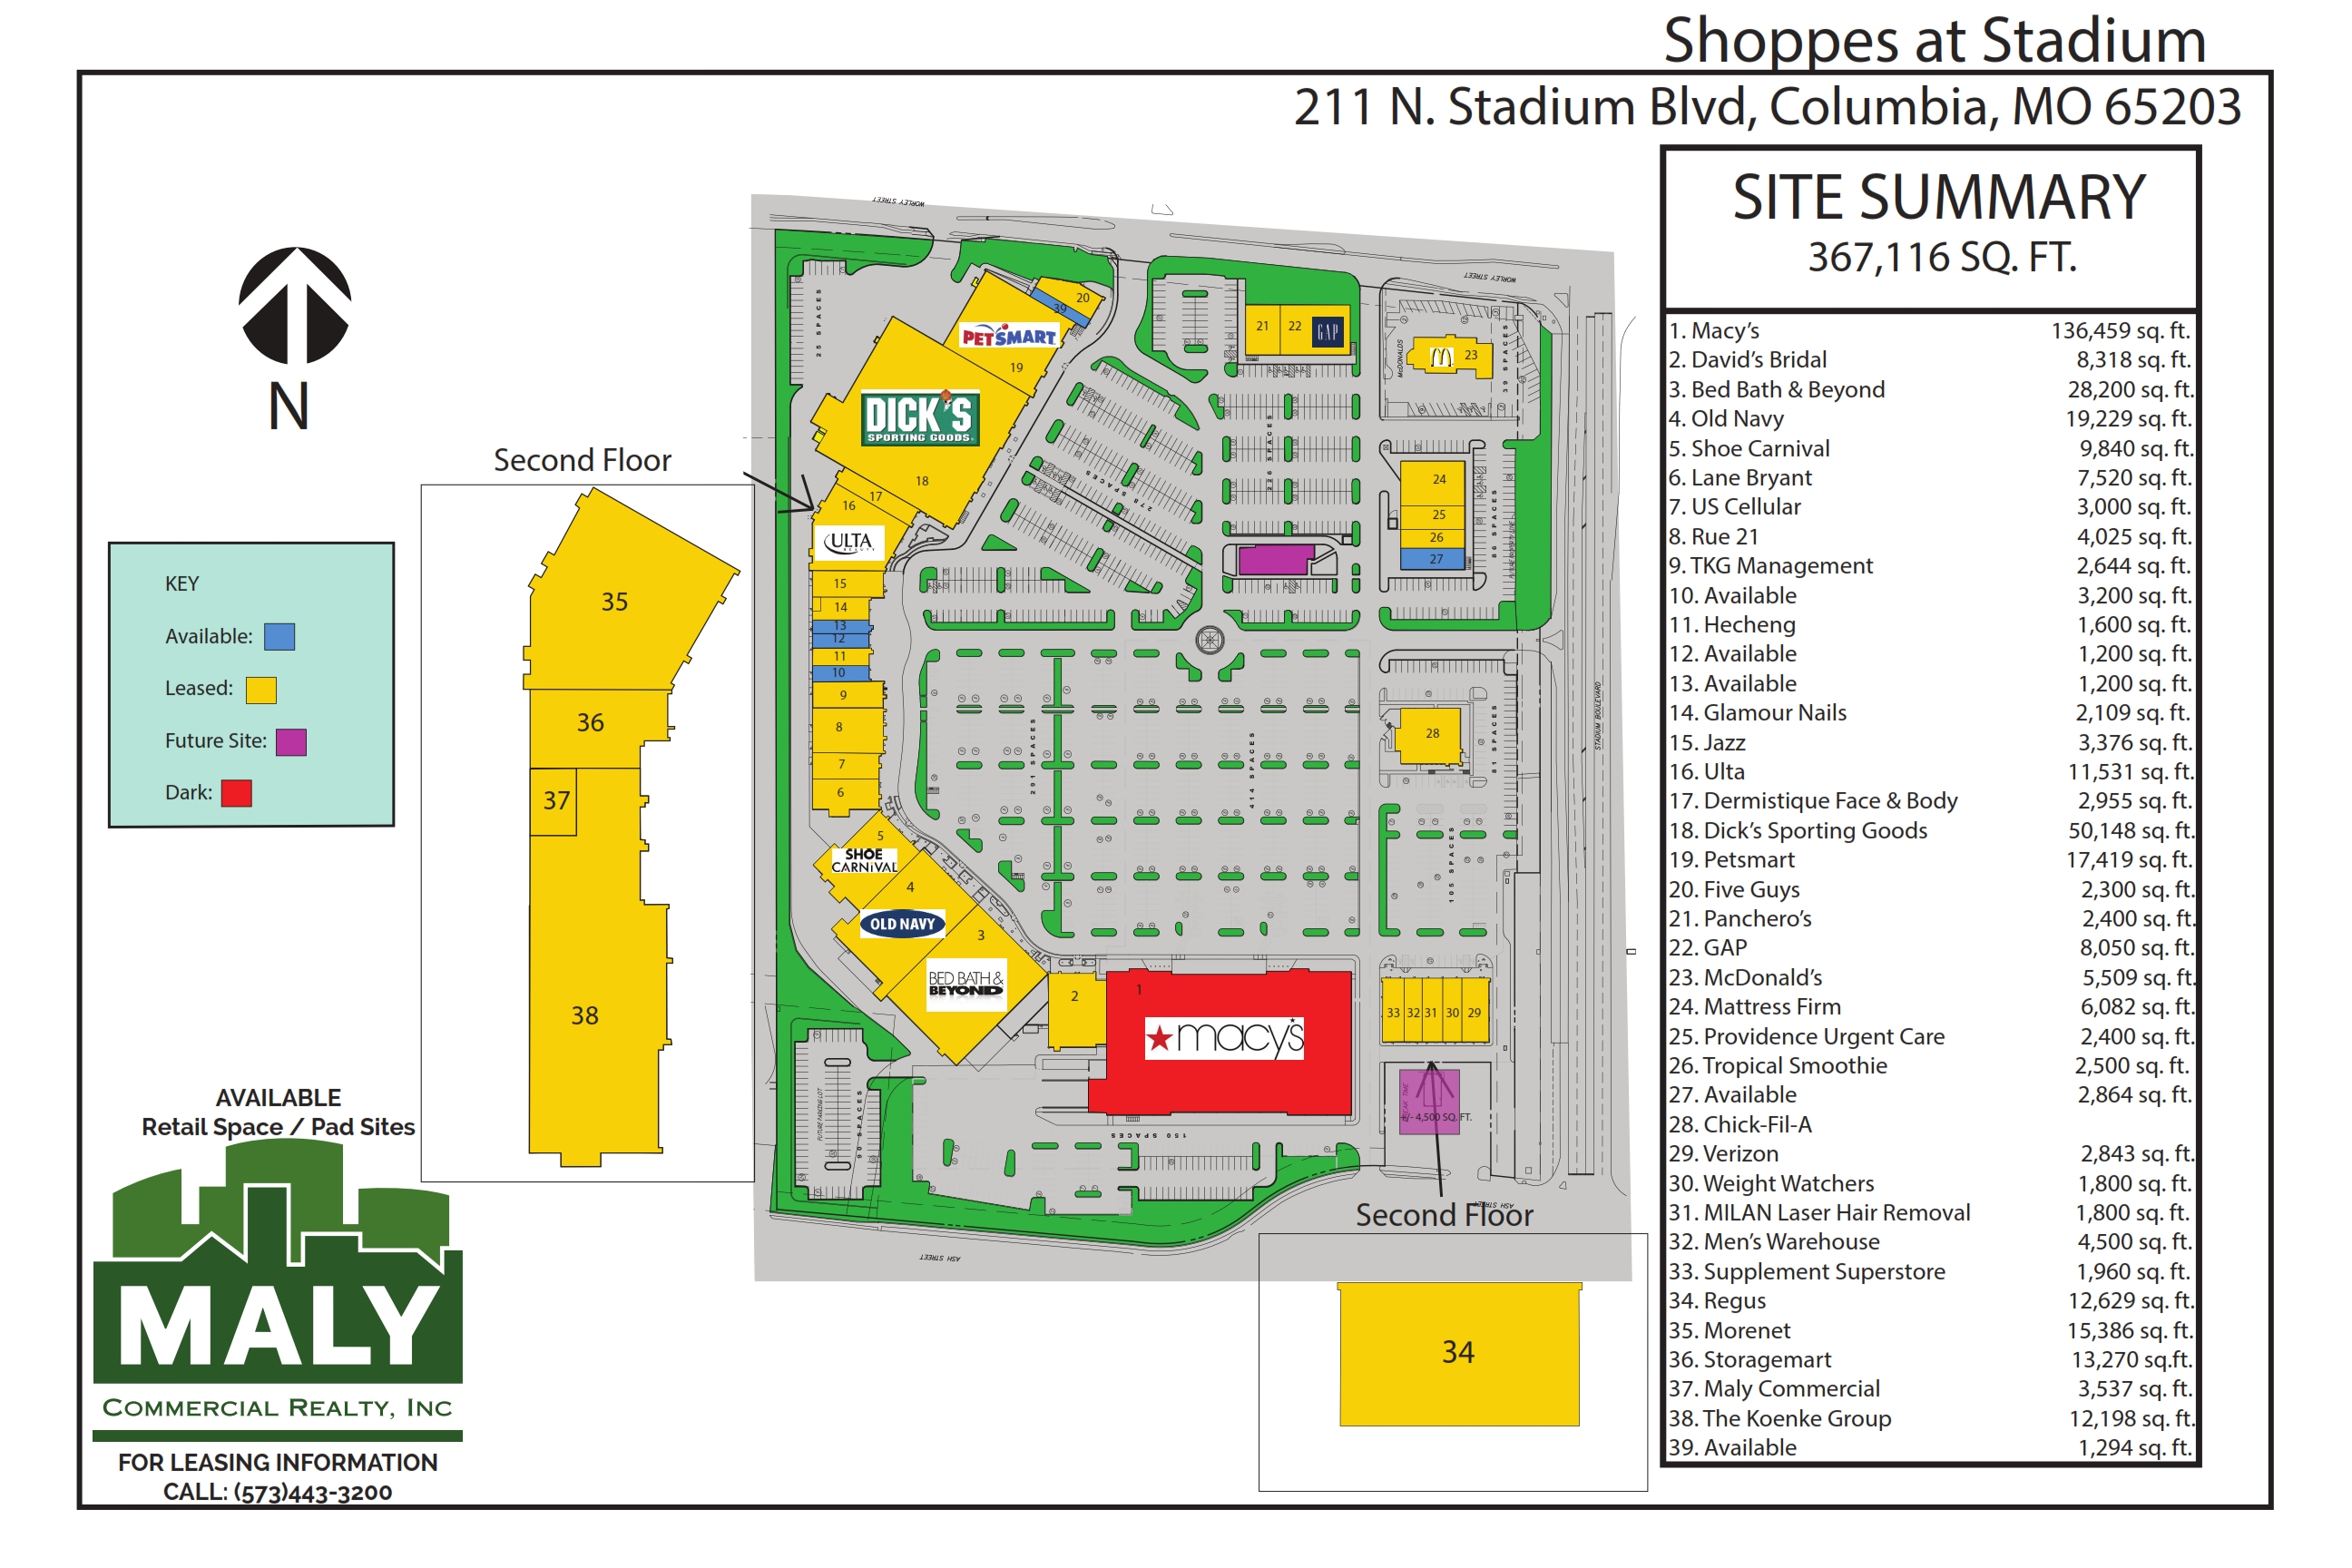 Shoppes at Stadium – Unit 10